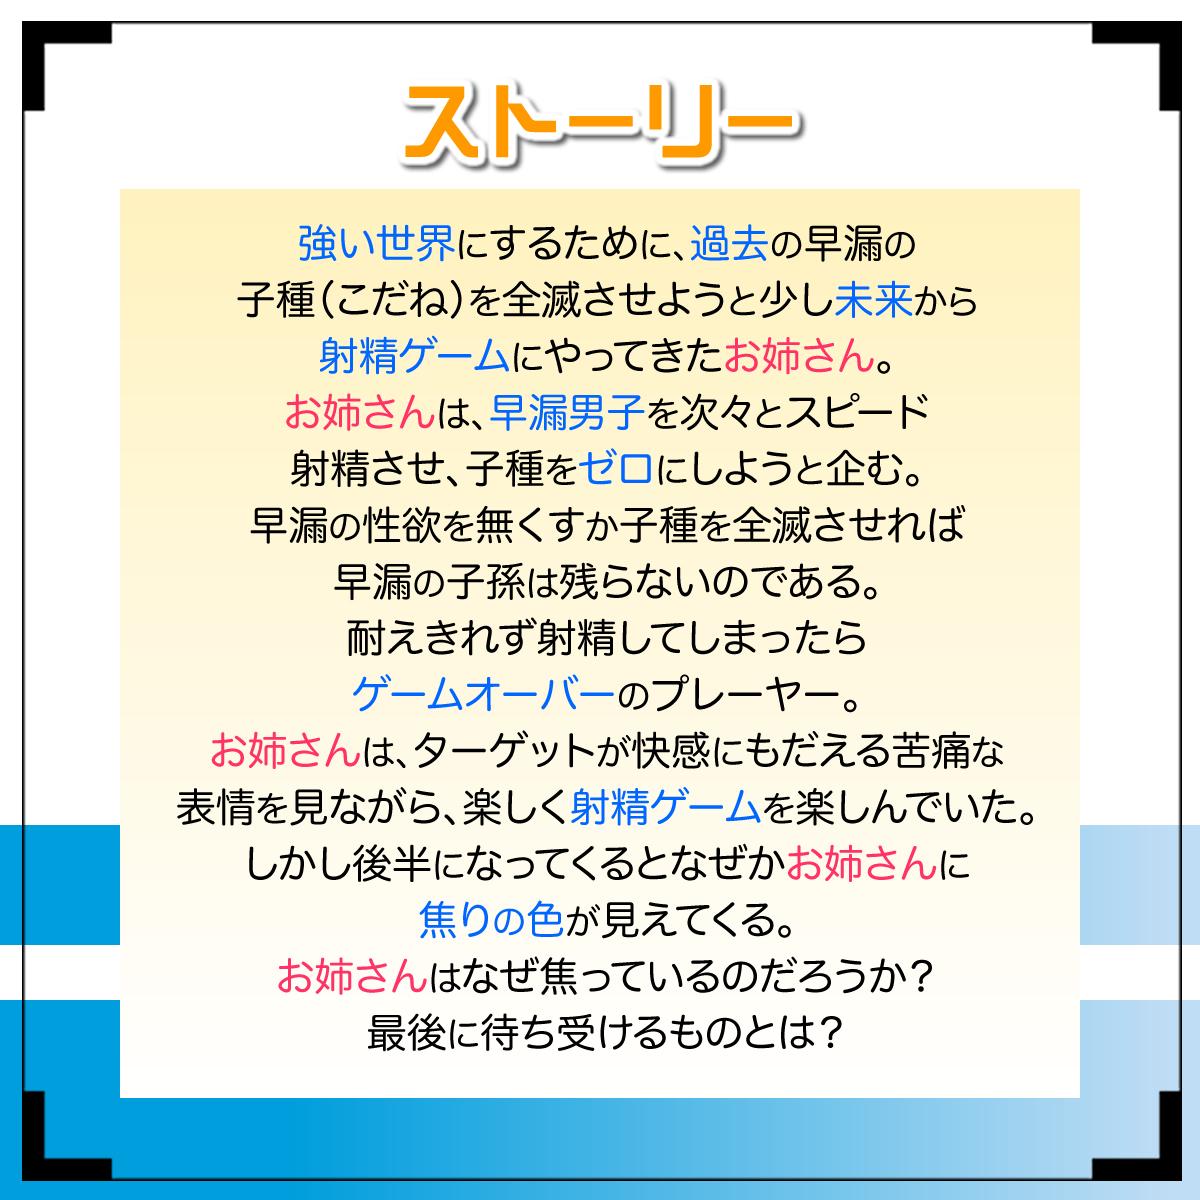 miu0326_04